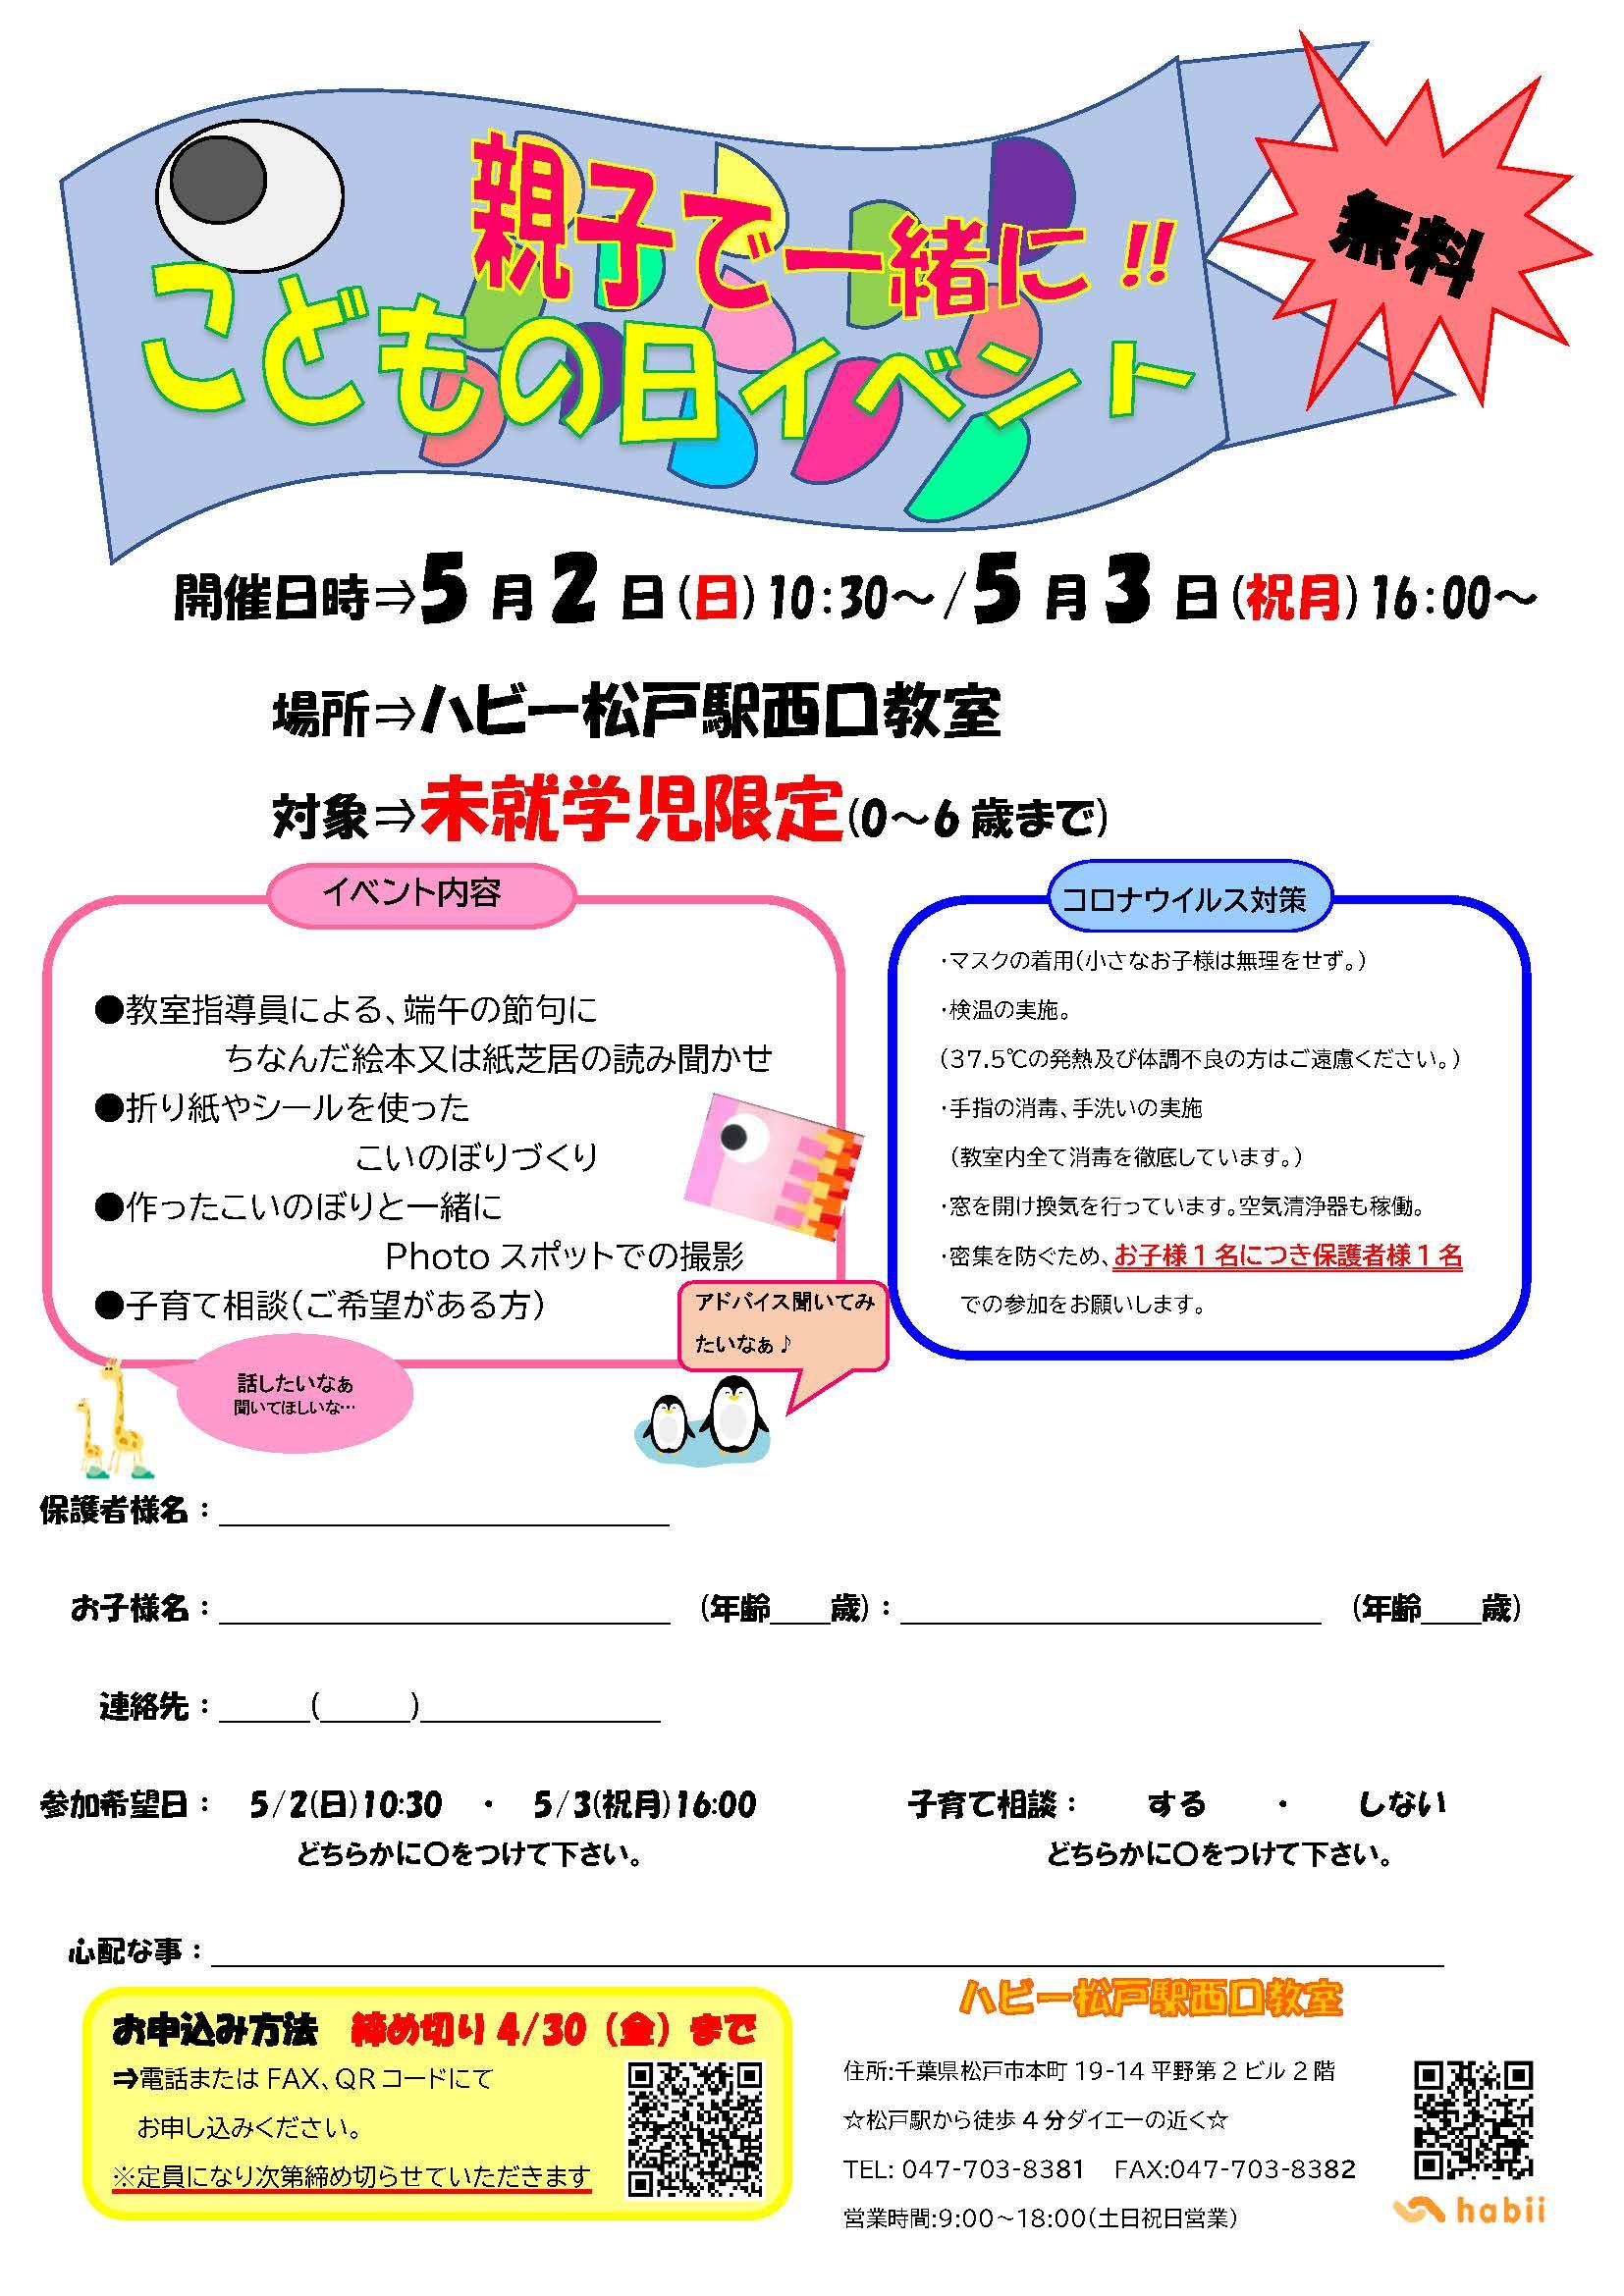 【松戸駅西口】イベントのご案内